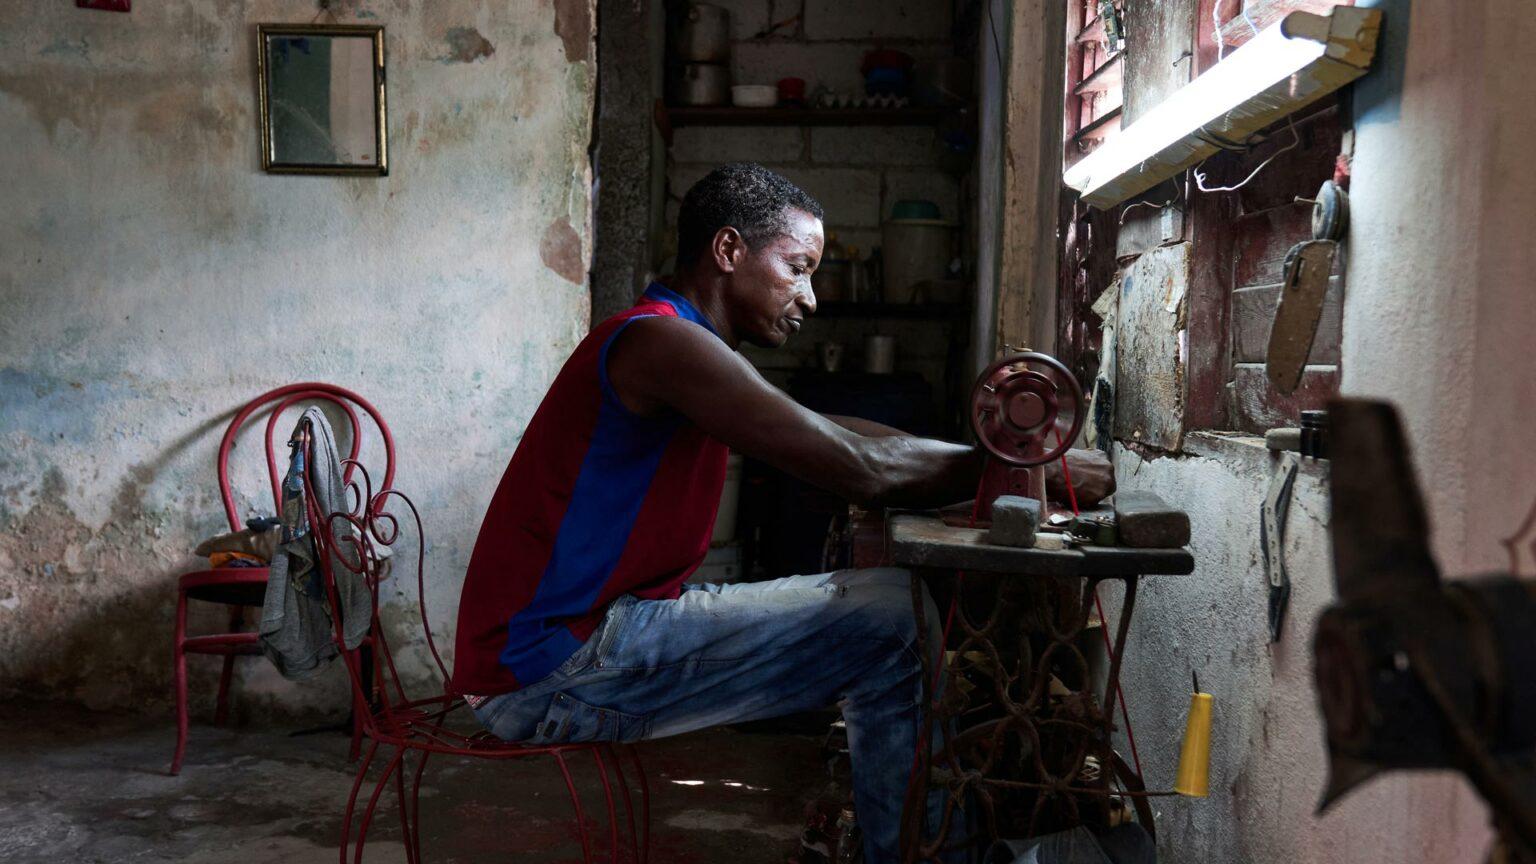 Rentas ilegales en Cuba: vivir con las maletas en la mano